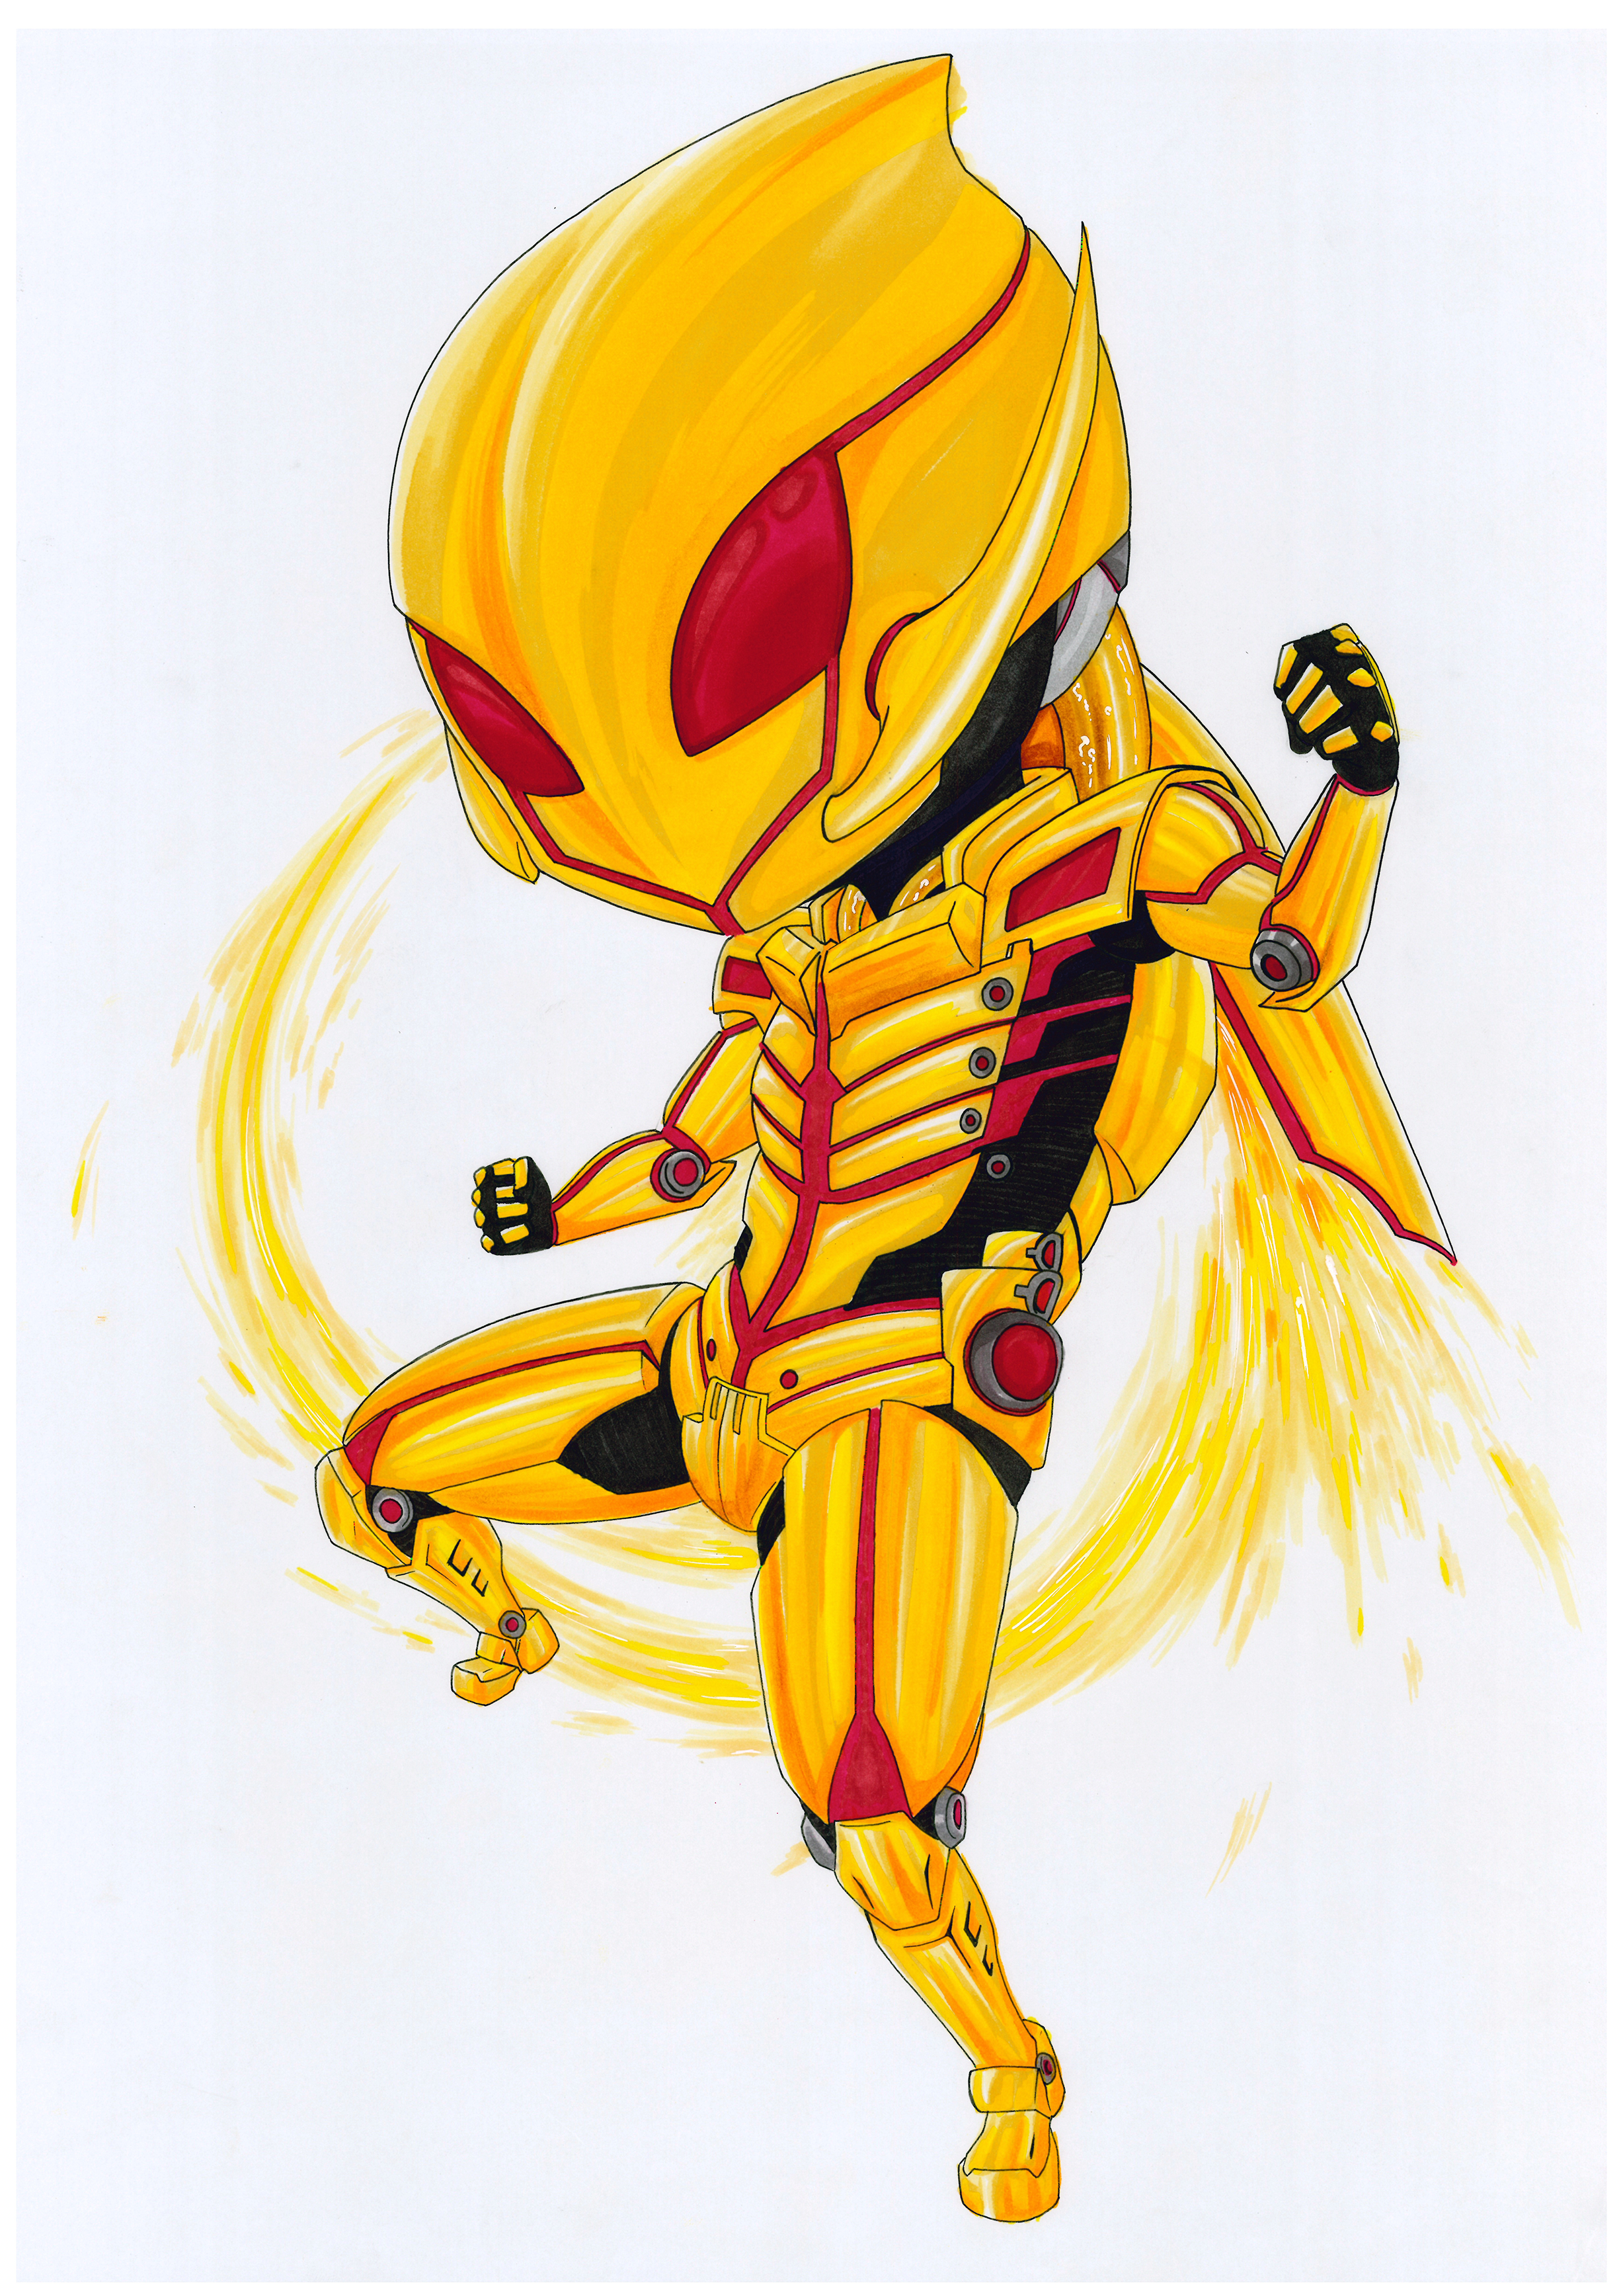 Berserker Firefly by End-0